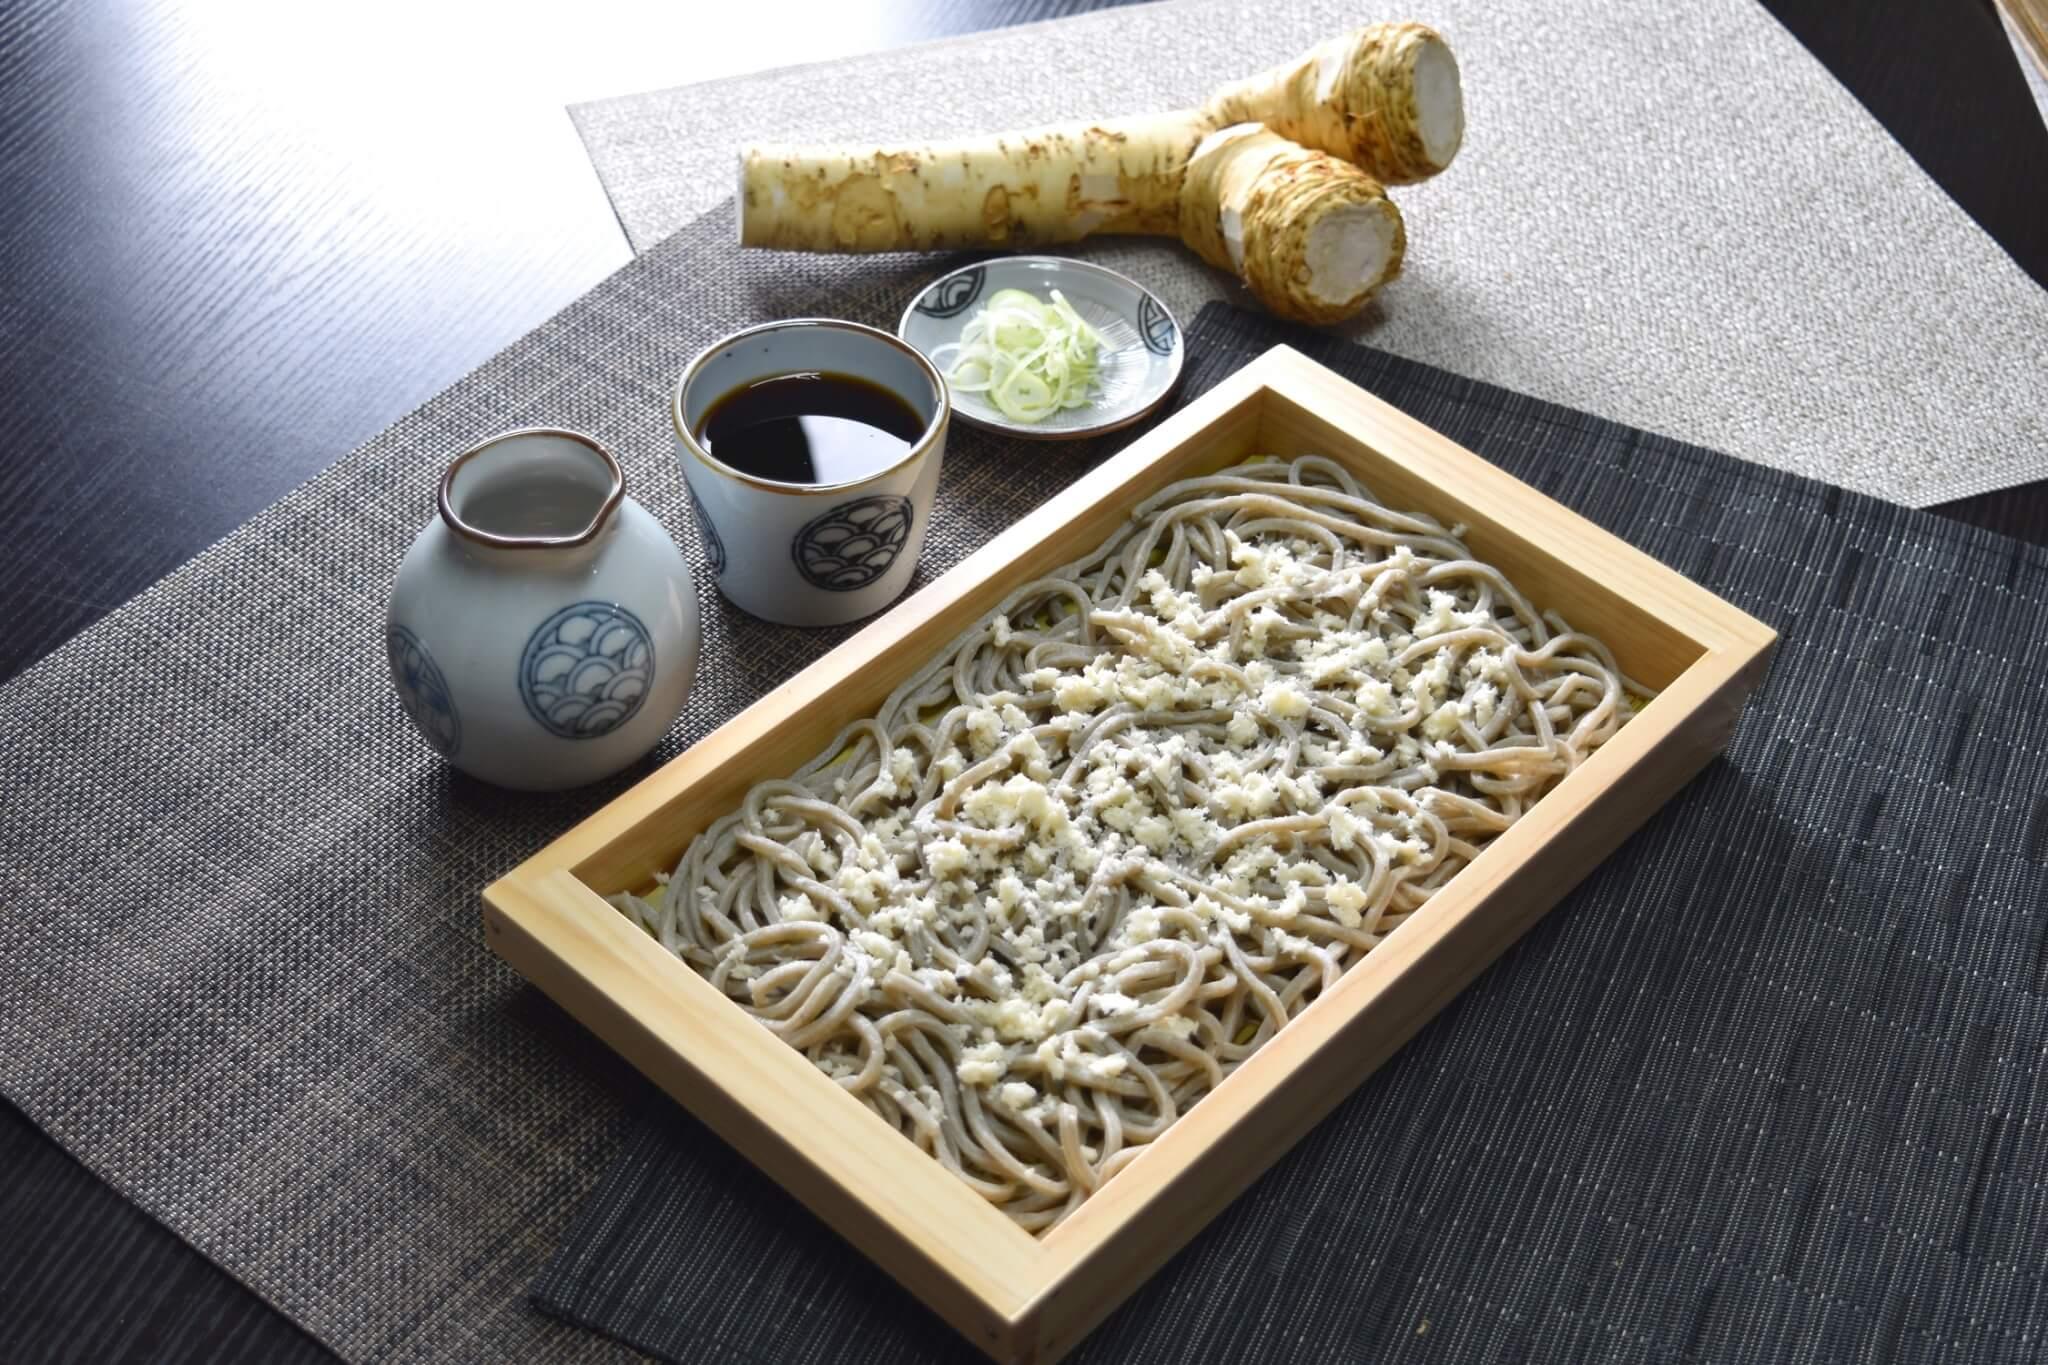 以北海道產蕎麥粉為食材的十成蕎麥店「北海道百蕎麥」在東京淺草橋開幕 日本料理、